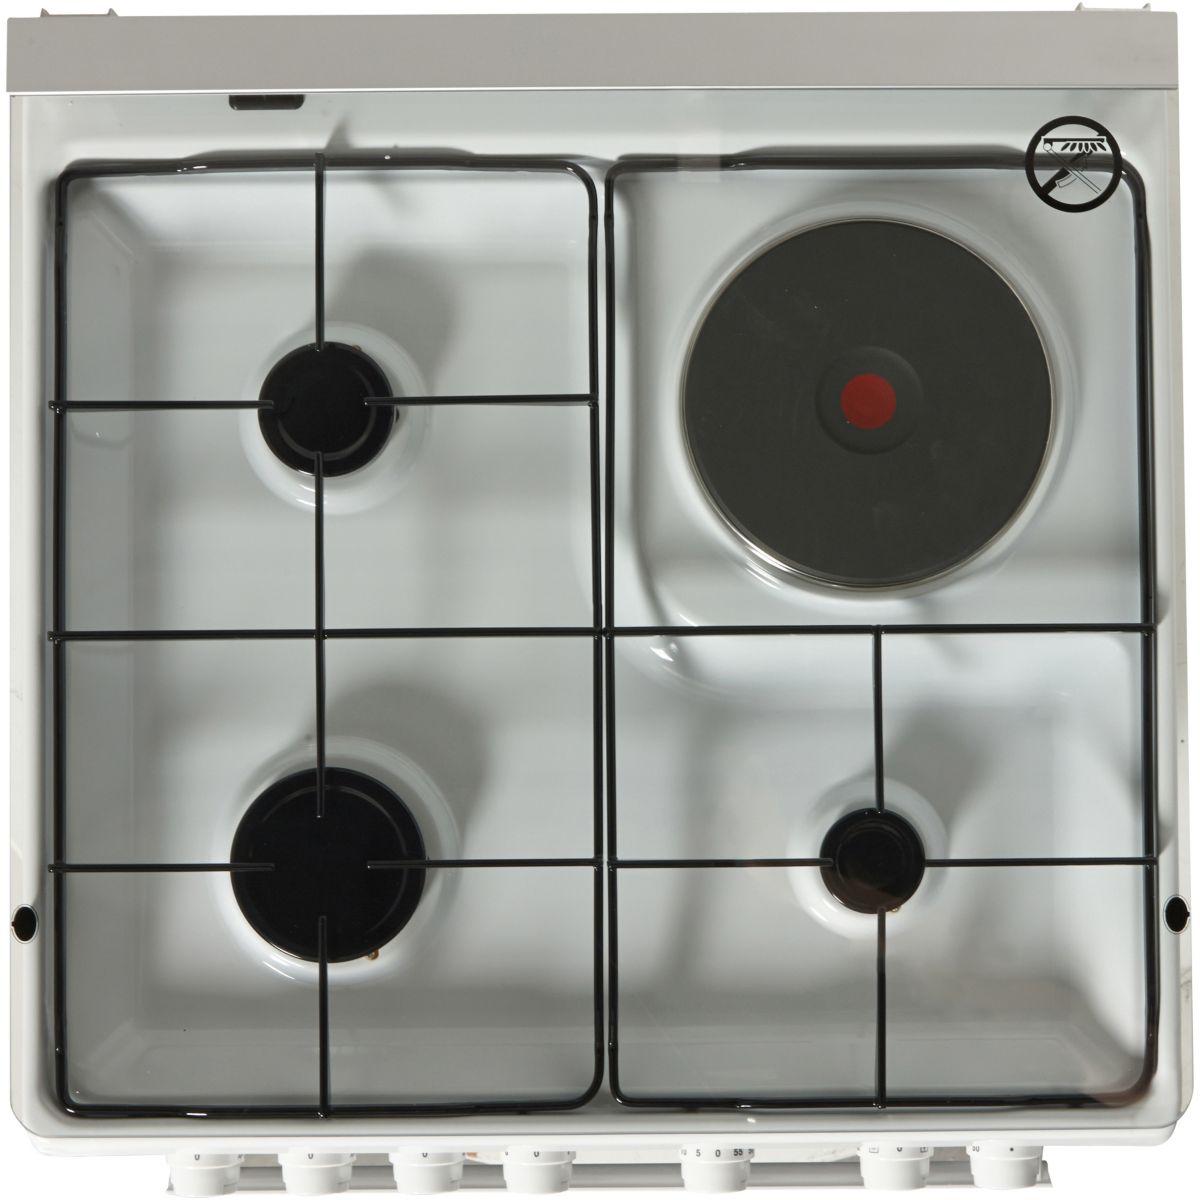 electrolux ekm6130ao cuisini re mixte 3 br leurs avec 1 plaque et four lectrique comparer. Black Bedroom Furniture Sets. Home Design Ideas